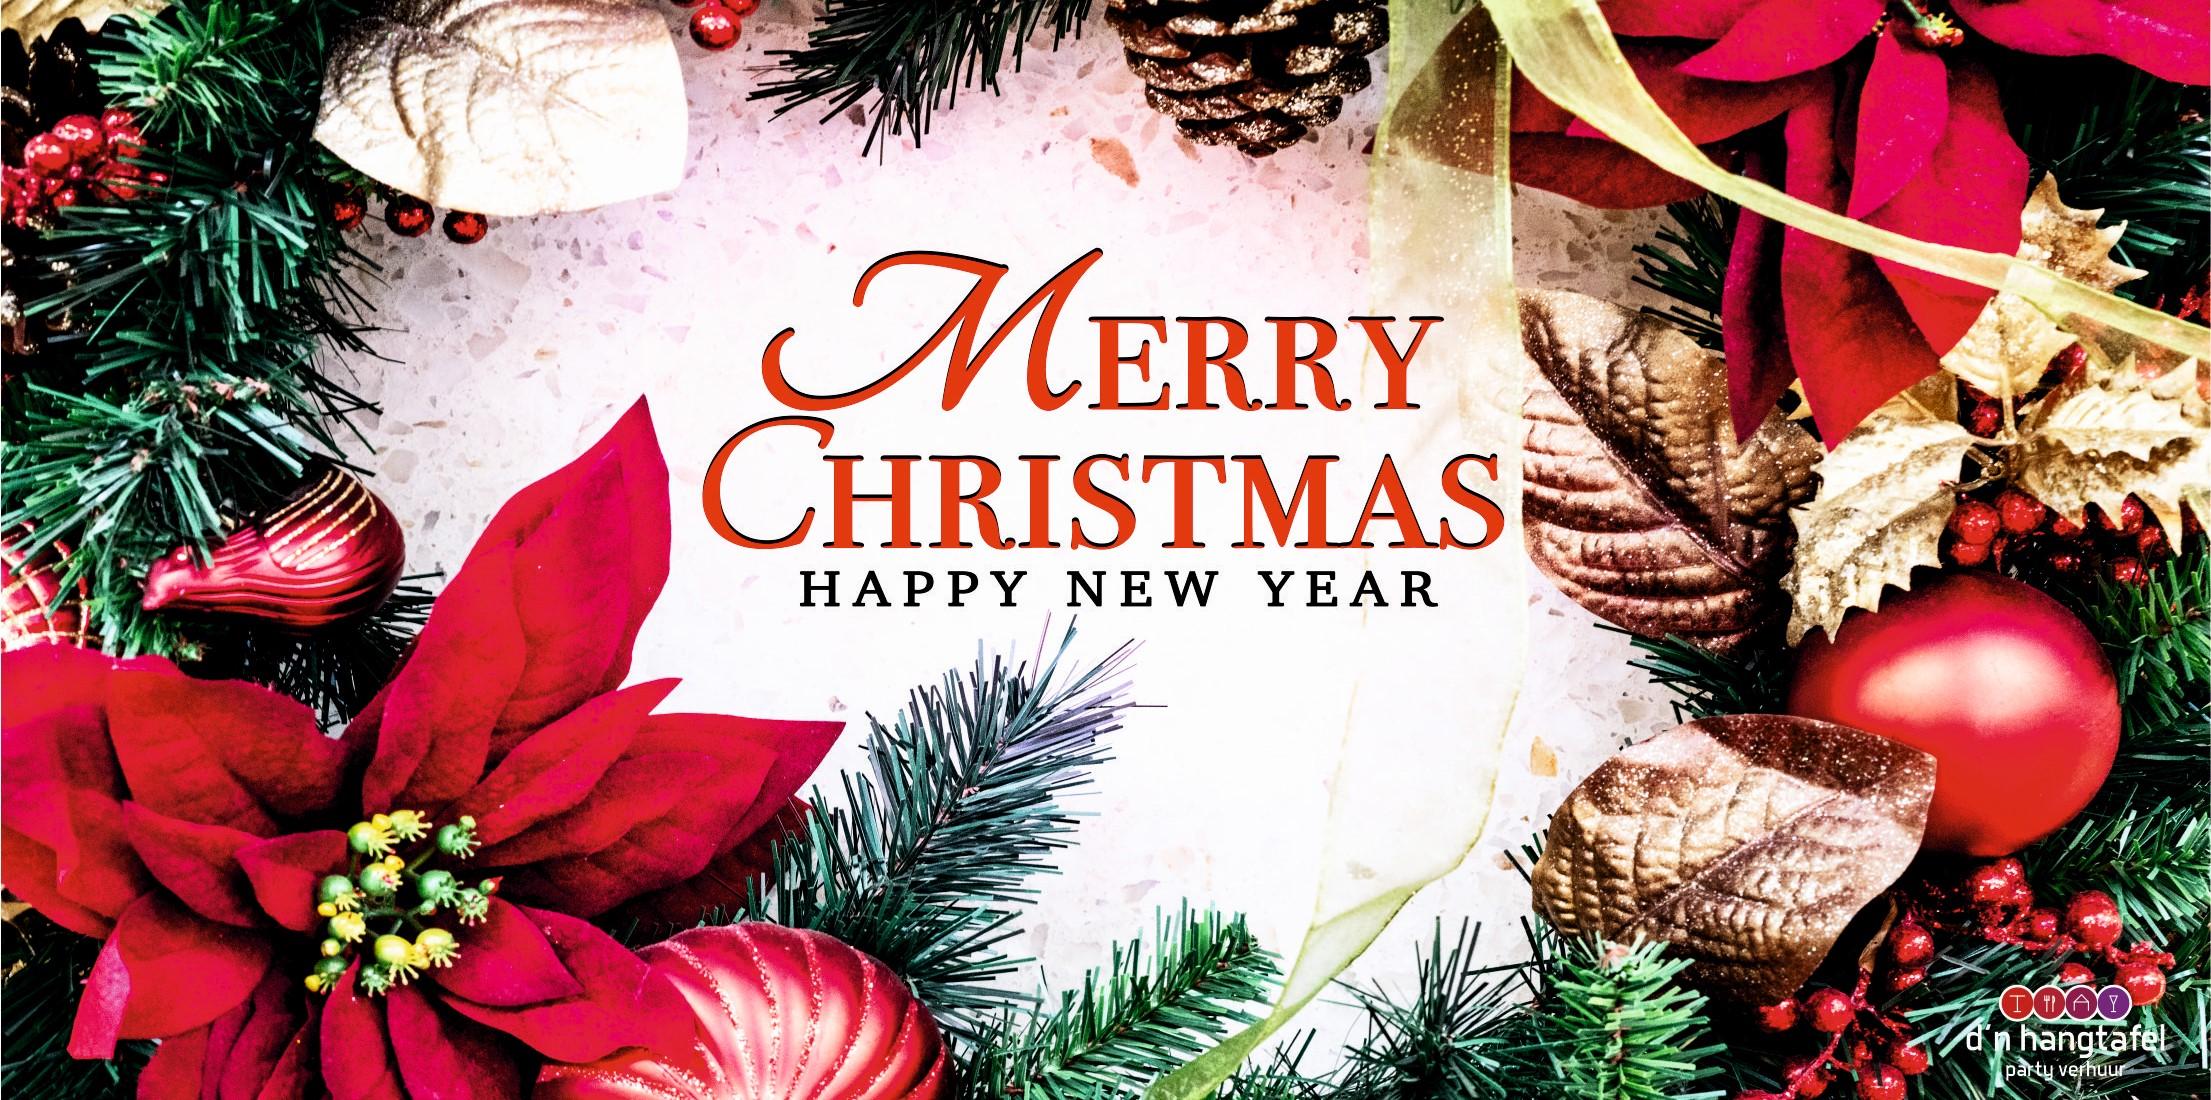 Bouwhek met kerst thema doek (merry christmas)